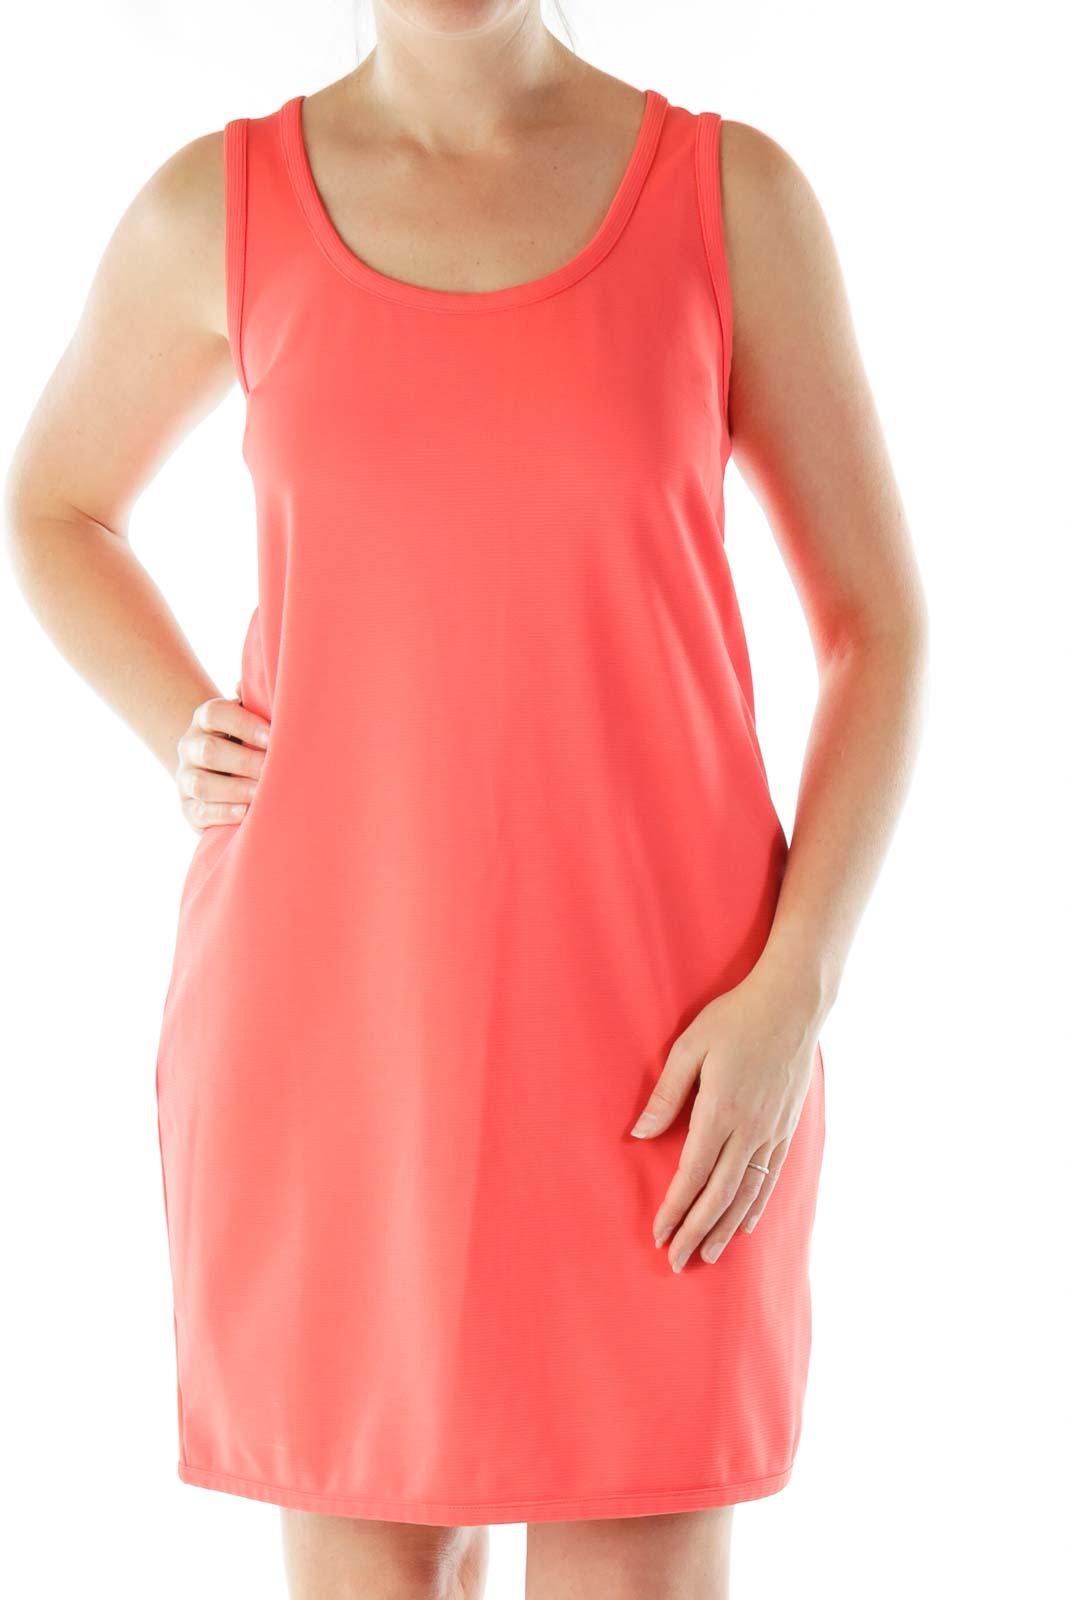 Pink Textured A-Line Dress Front